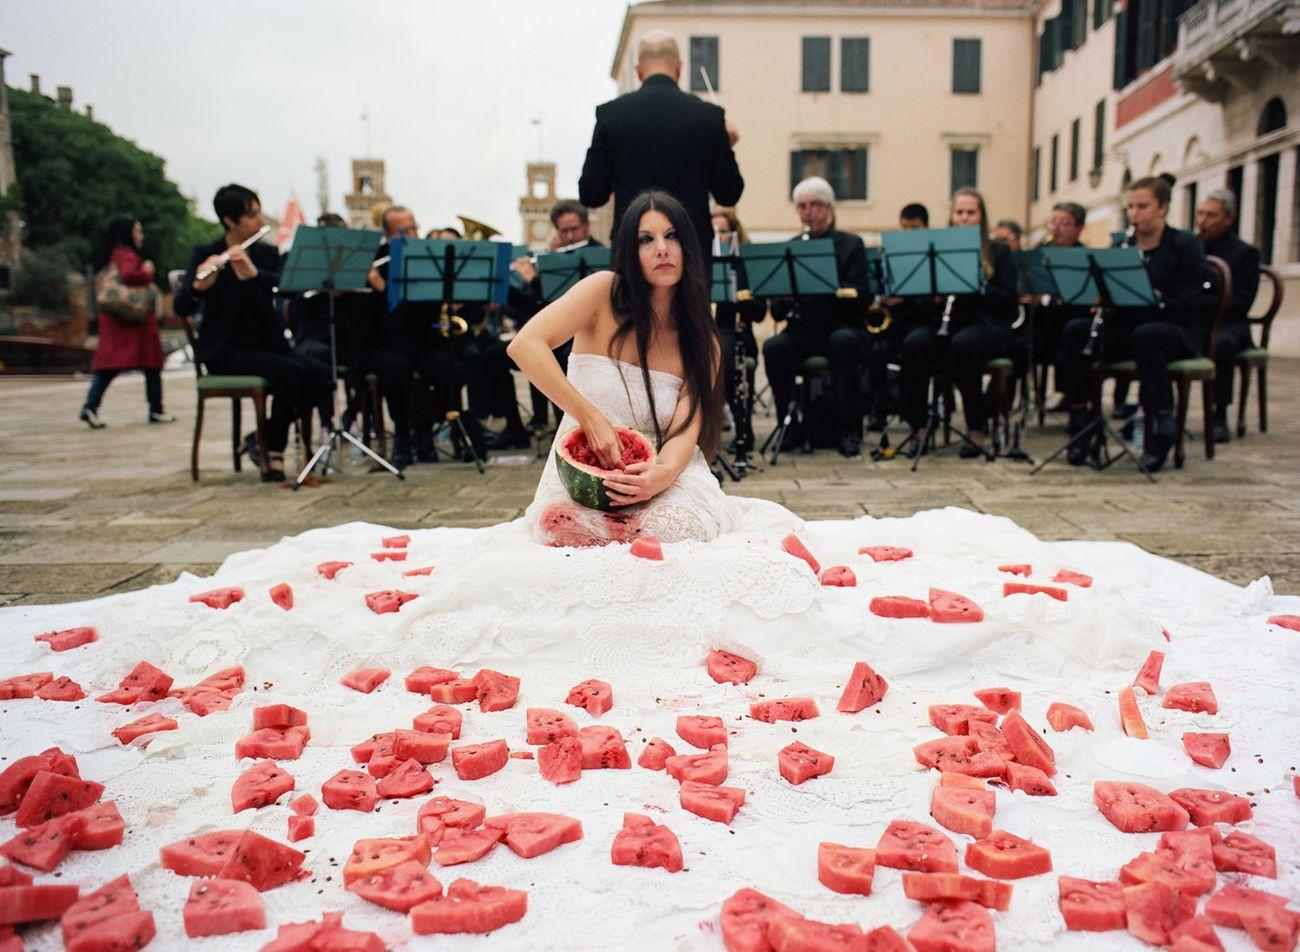 Romina de Novellis, Inferno, Biennale di Venezia 2017. Prodotto da Kreemart in collaborazione con Galleria Alberta Pane - Lightbox - My Art Guides. Photo Mauro Bordin © De Novellis-Bordin 2017